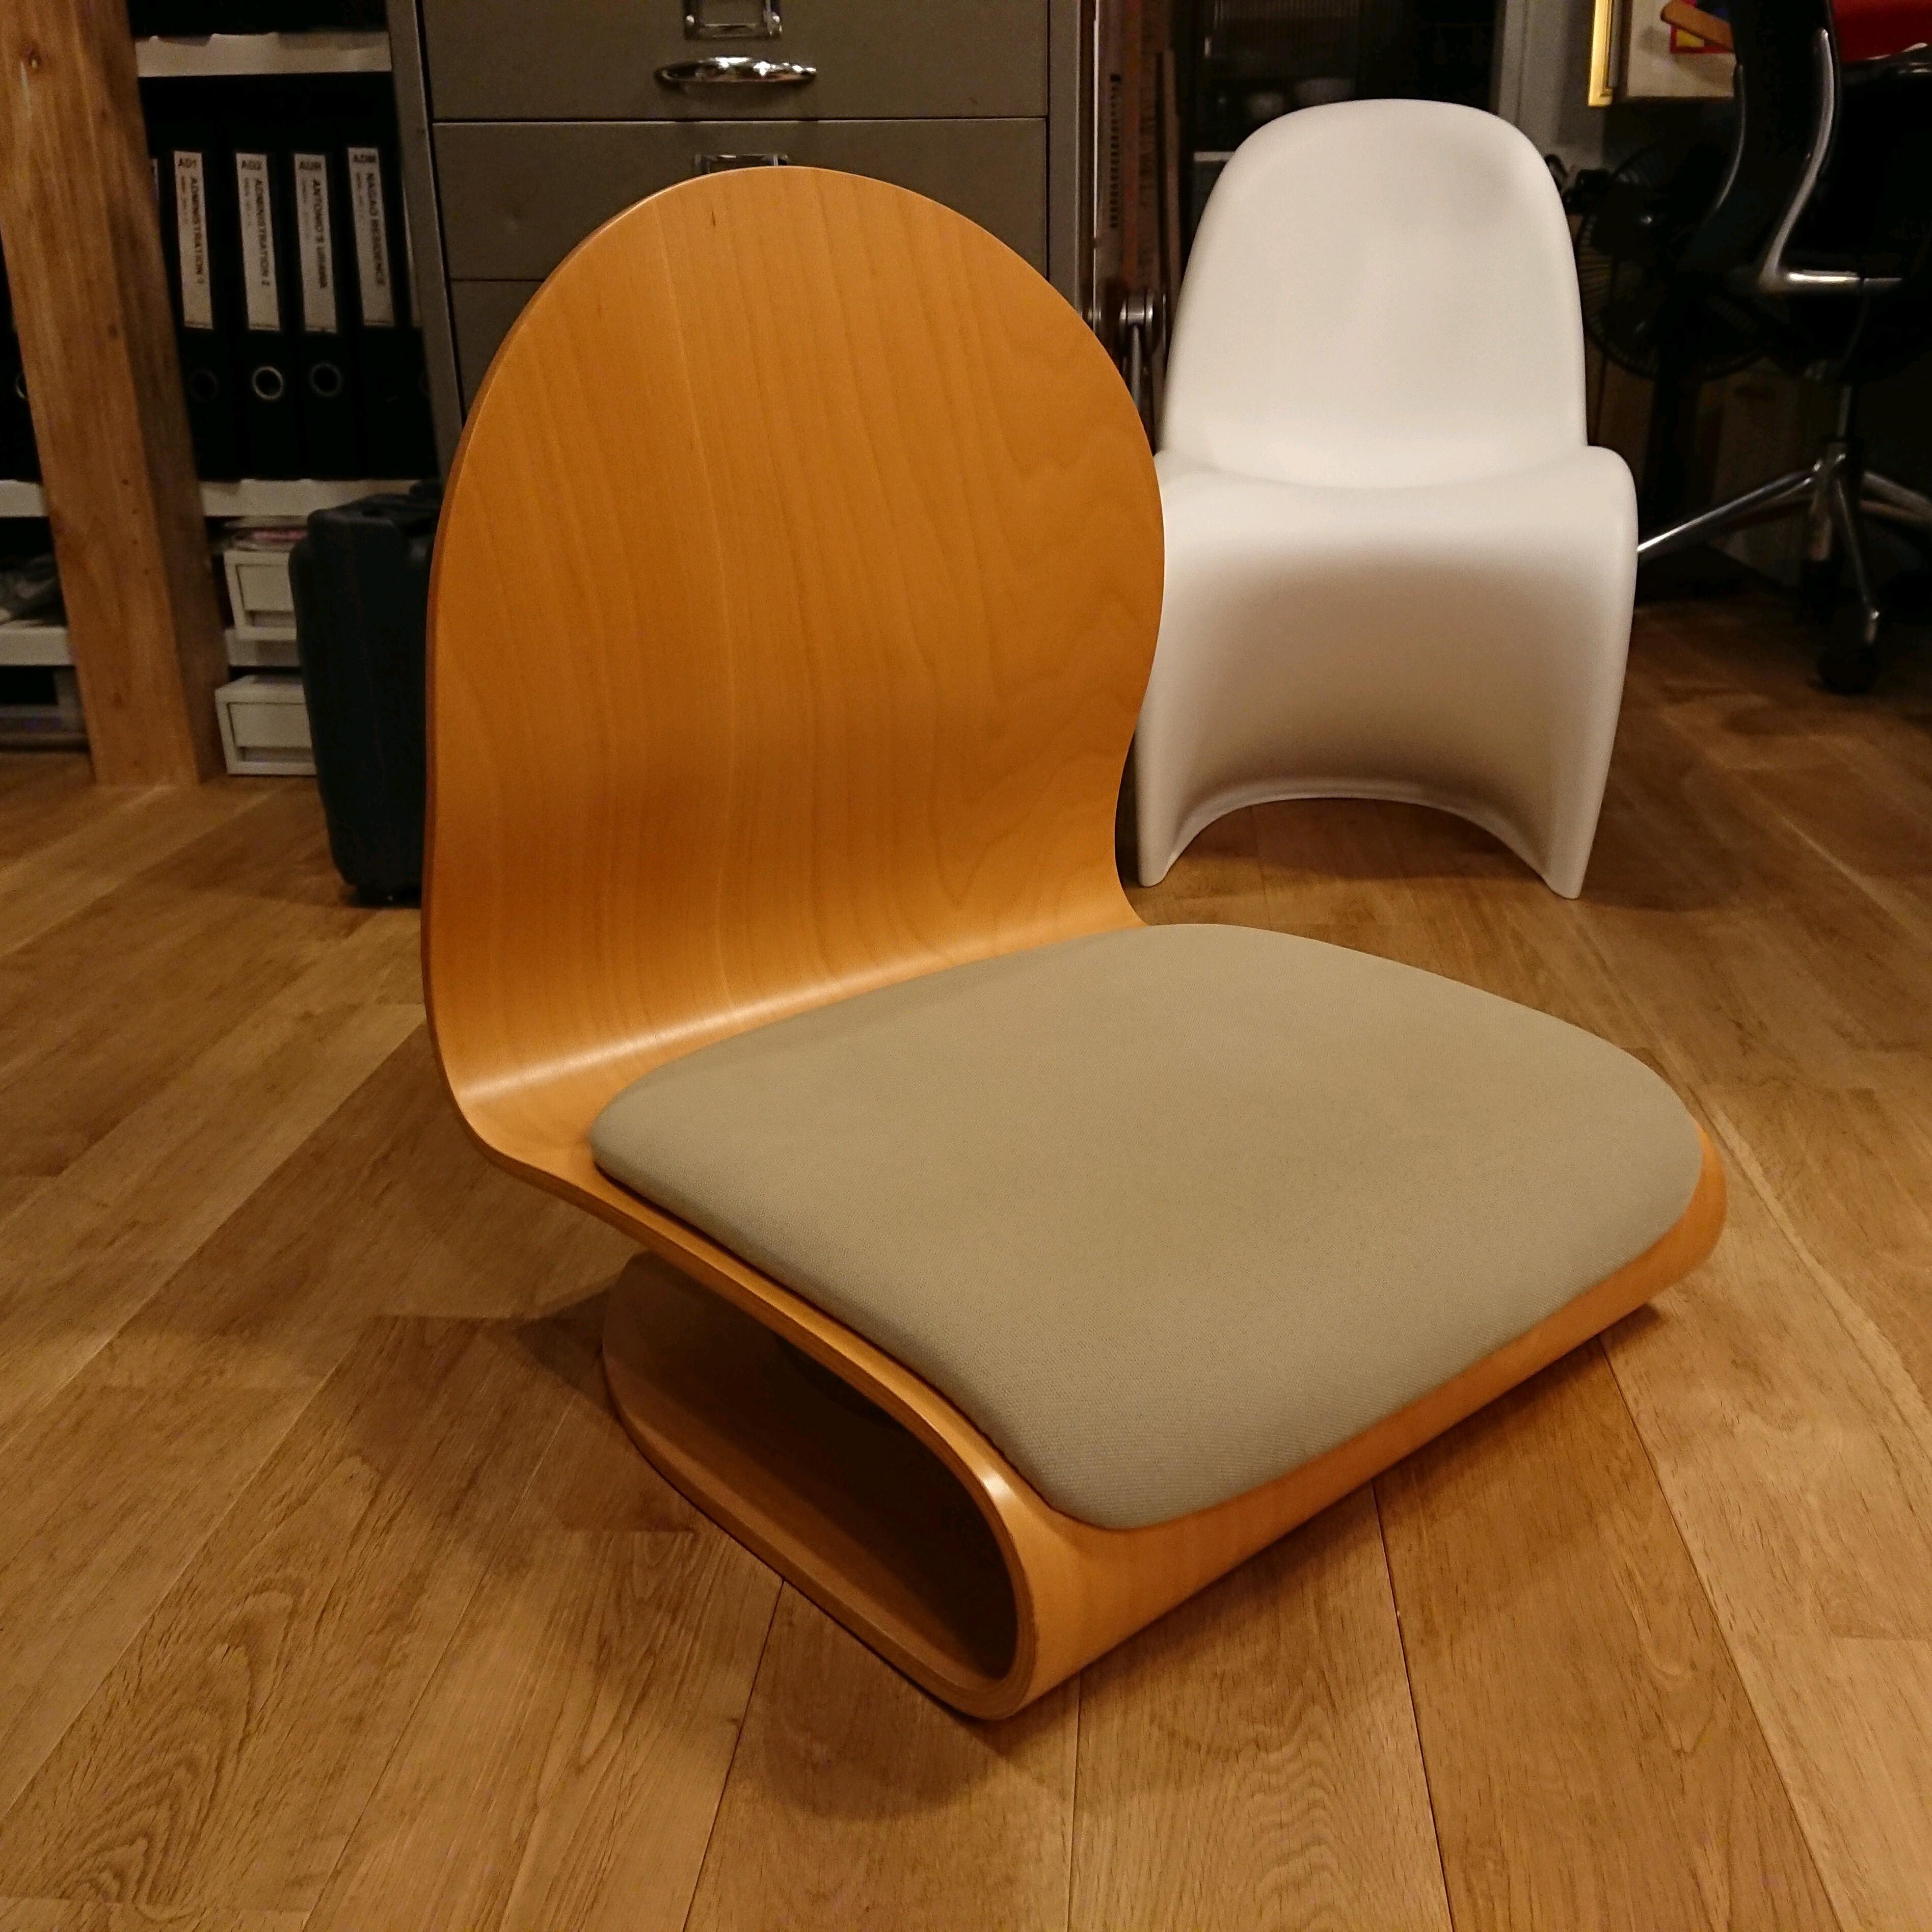 """ヴェルナー・パントン """"Tatami Chair/タタミチェア"""" プライウッド 興石 Verner Panton スペースエイジ×和モダン"""